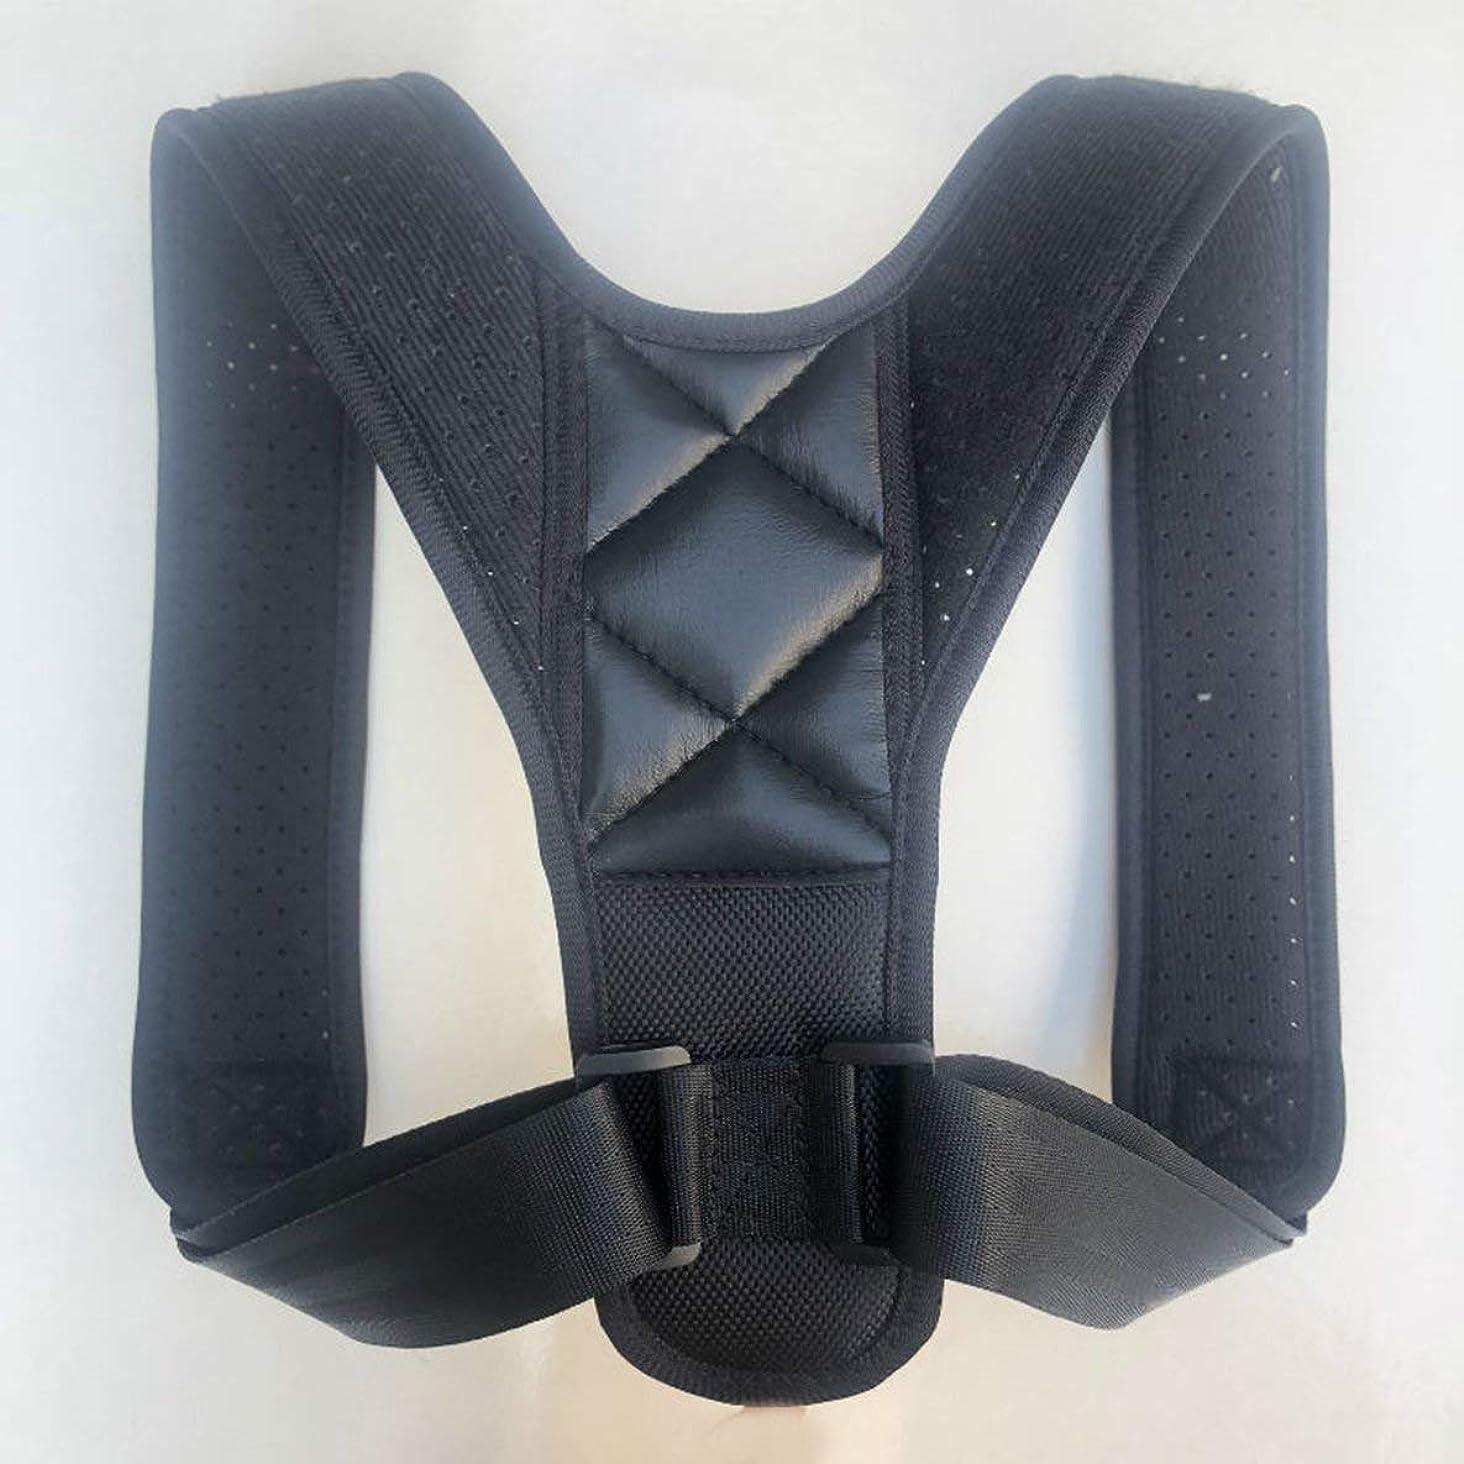 第三確保する選出するアッパーバックポスチャーコレクター姿勢鎖骨サポートコレクターバックストレートショルダーブレースストラップコレクター - ブラック